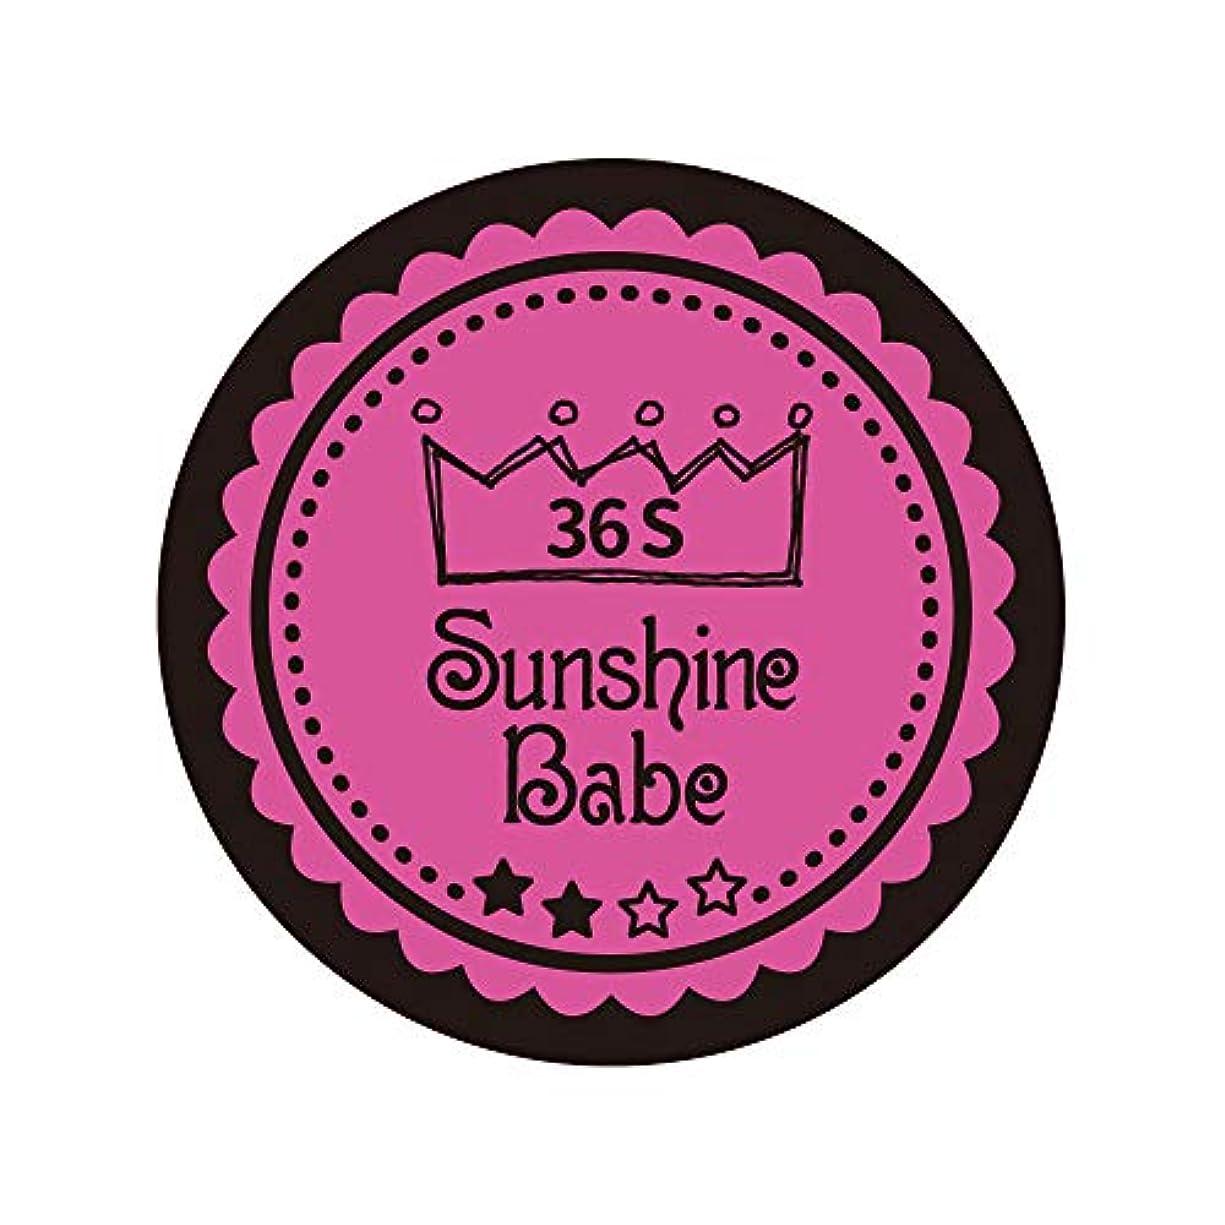 会議倍増謝るSunshine Babe カラージェル 36S クロッカスピンク 4g UV/LED対応